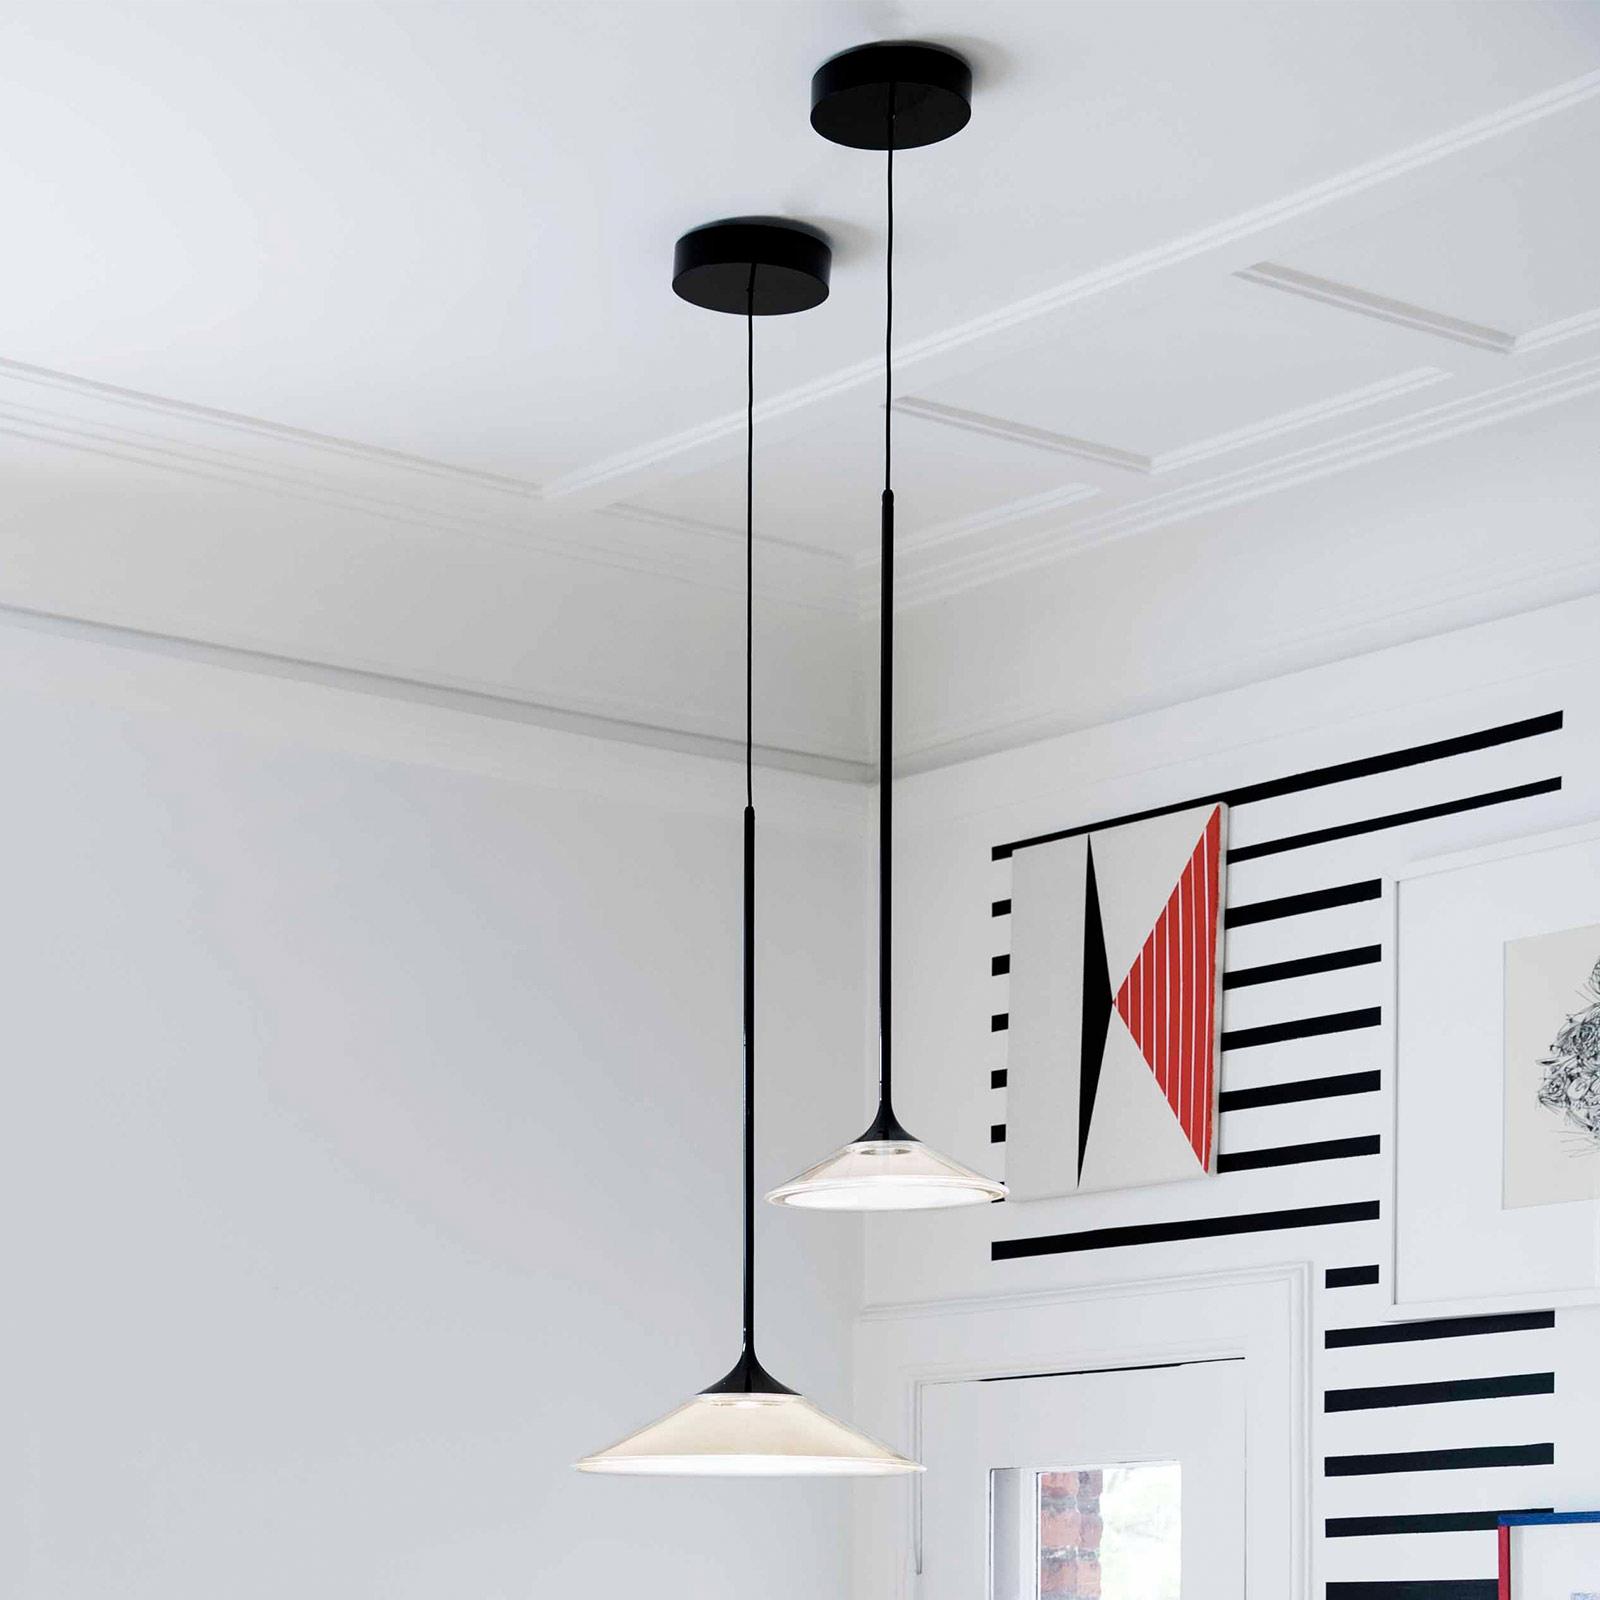 Design-LED-riippuvalo Orsa 21